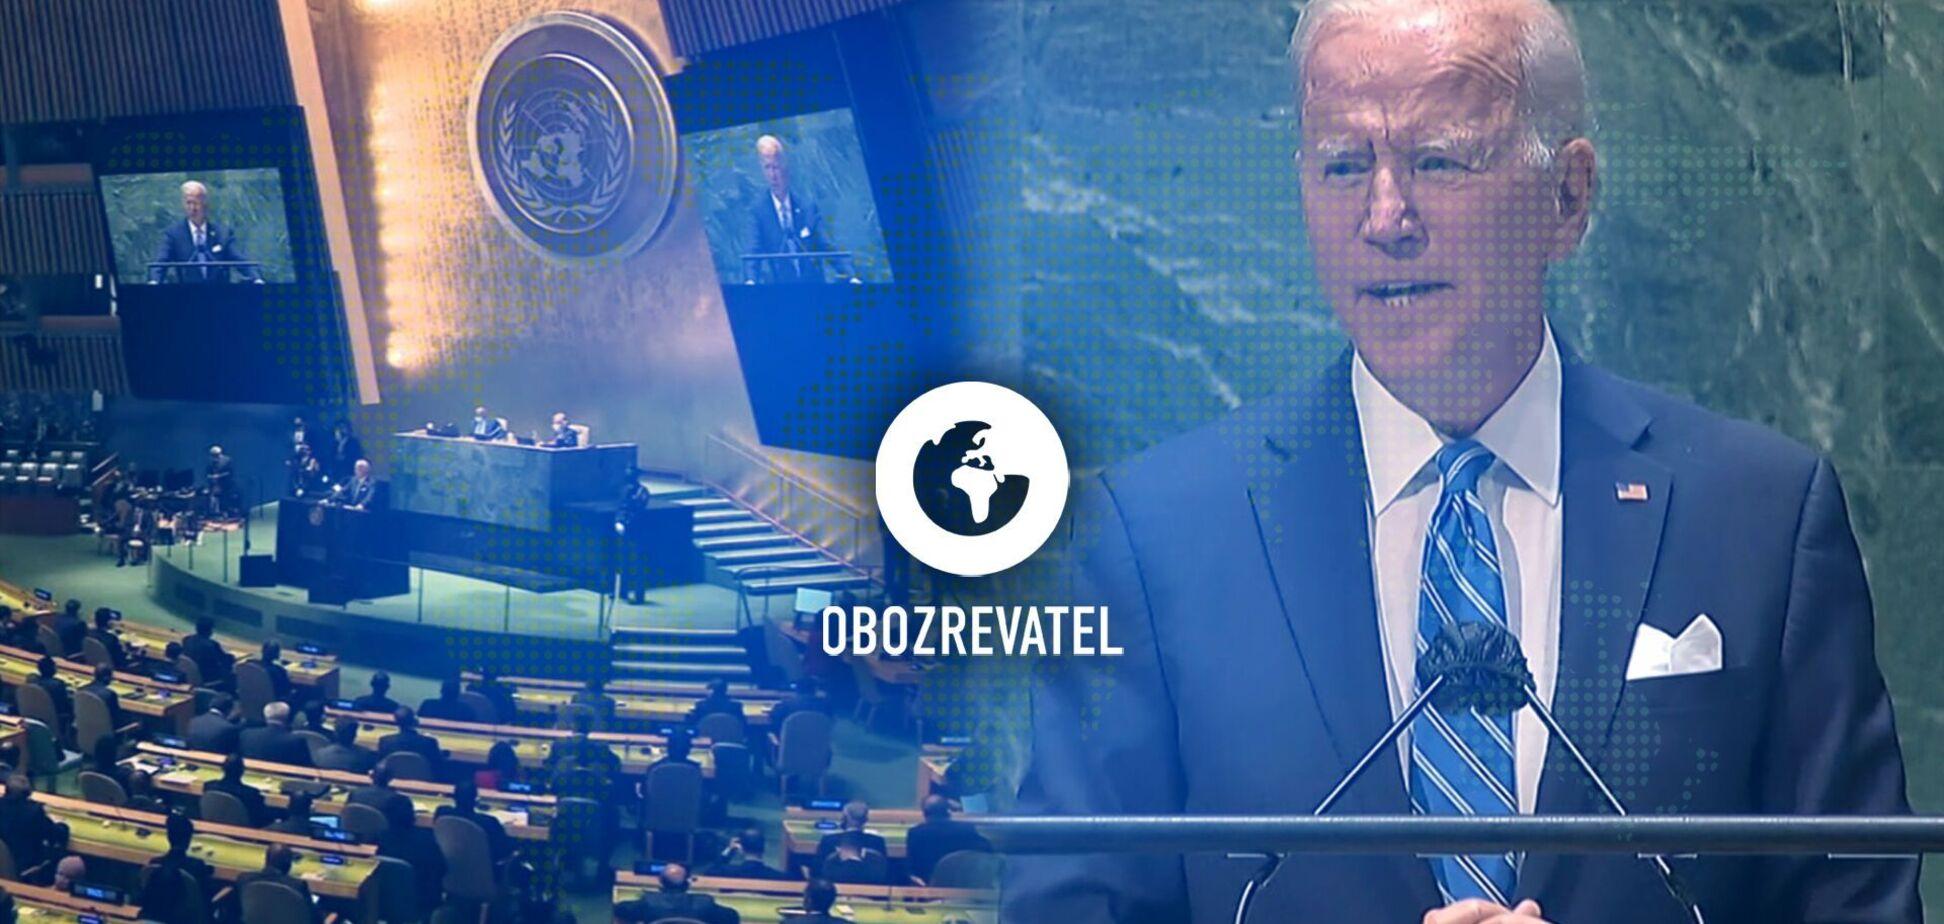 Еру 'безперервної дипломатії' оголосив президент США Джо Байден на Генасамблеї ООН у Нью-Йорку – дайджест міжнародних подій